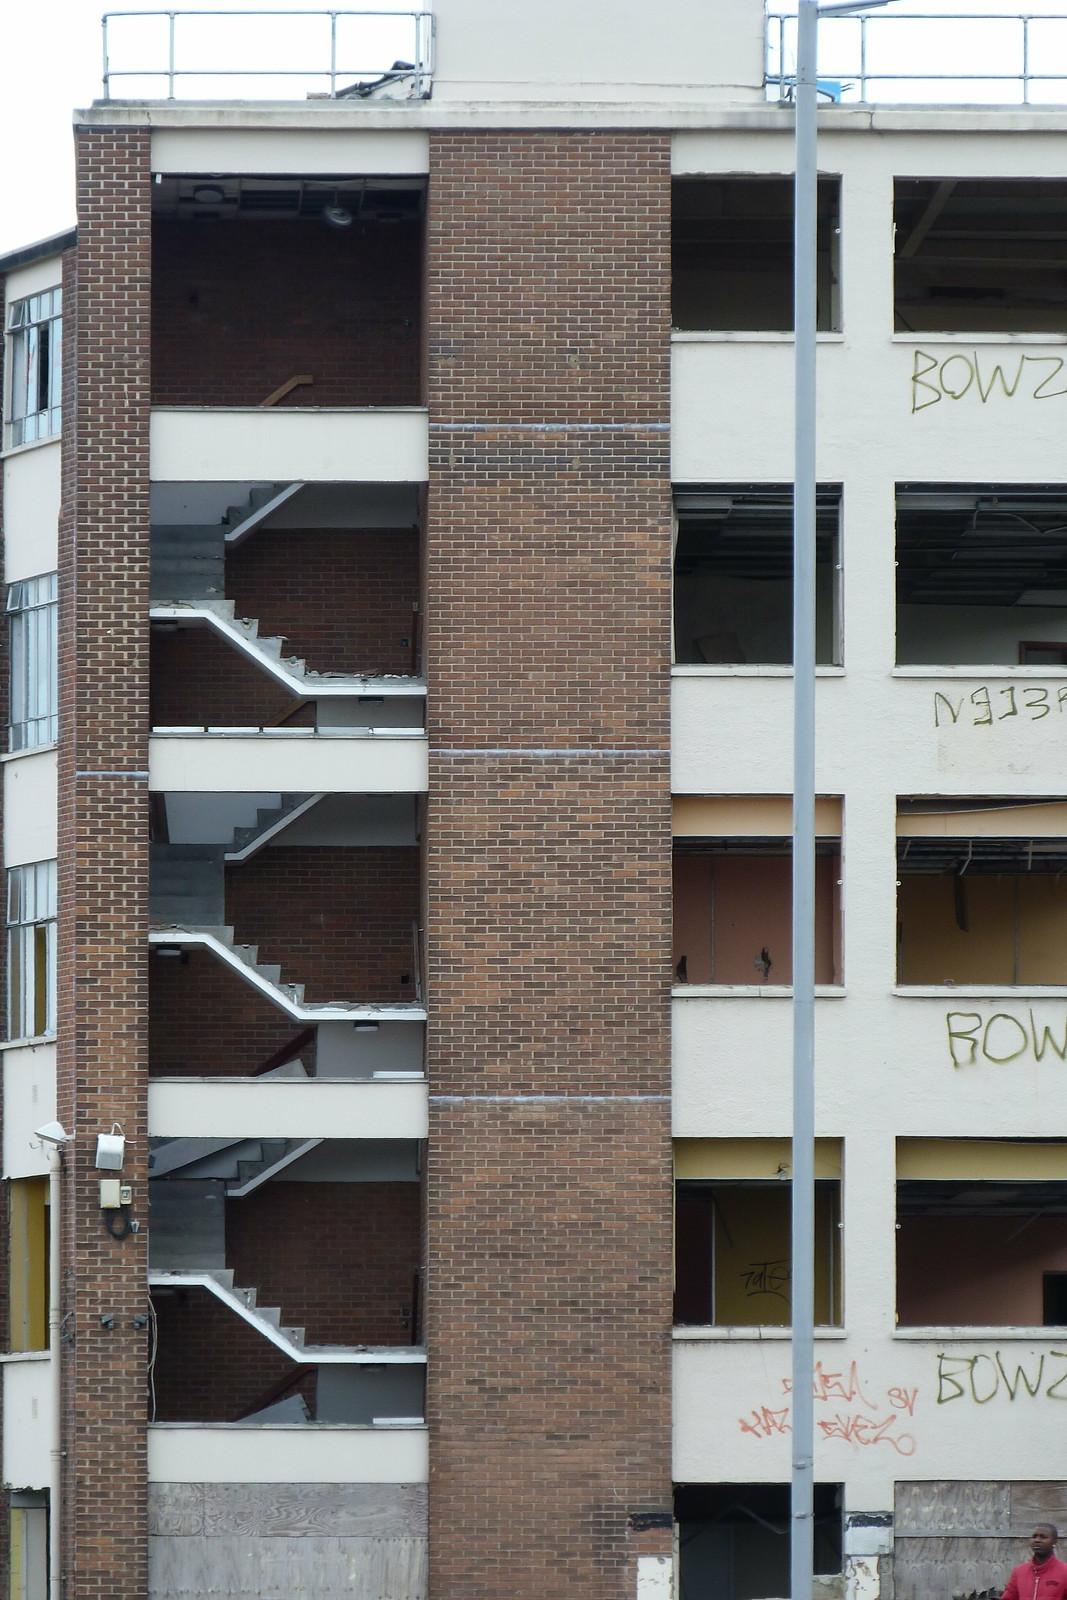 GWL - Brown & Tawse